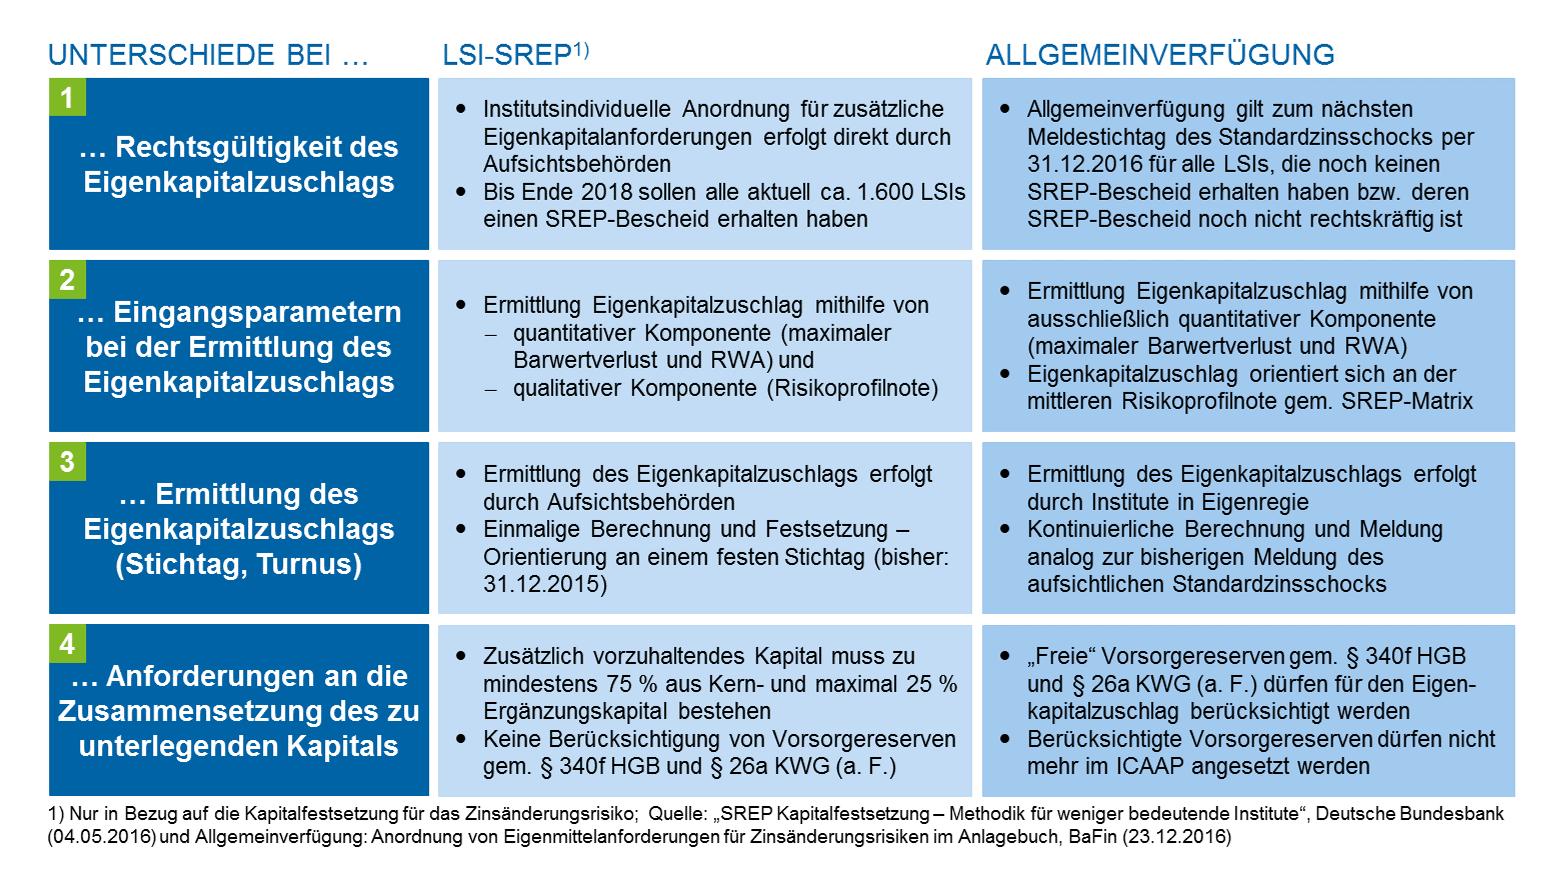 Zentrale Unterschiede zwischen LSI-SREP und Allgemeinverfügung